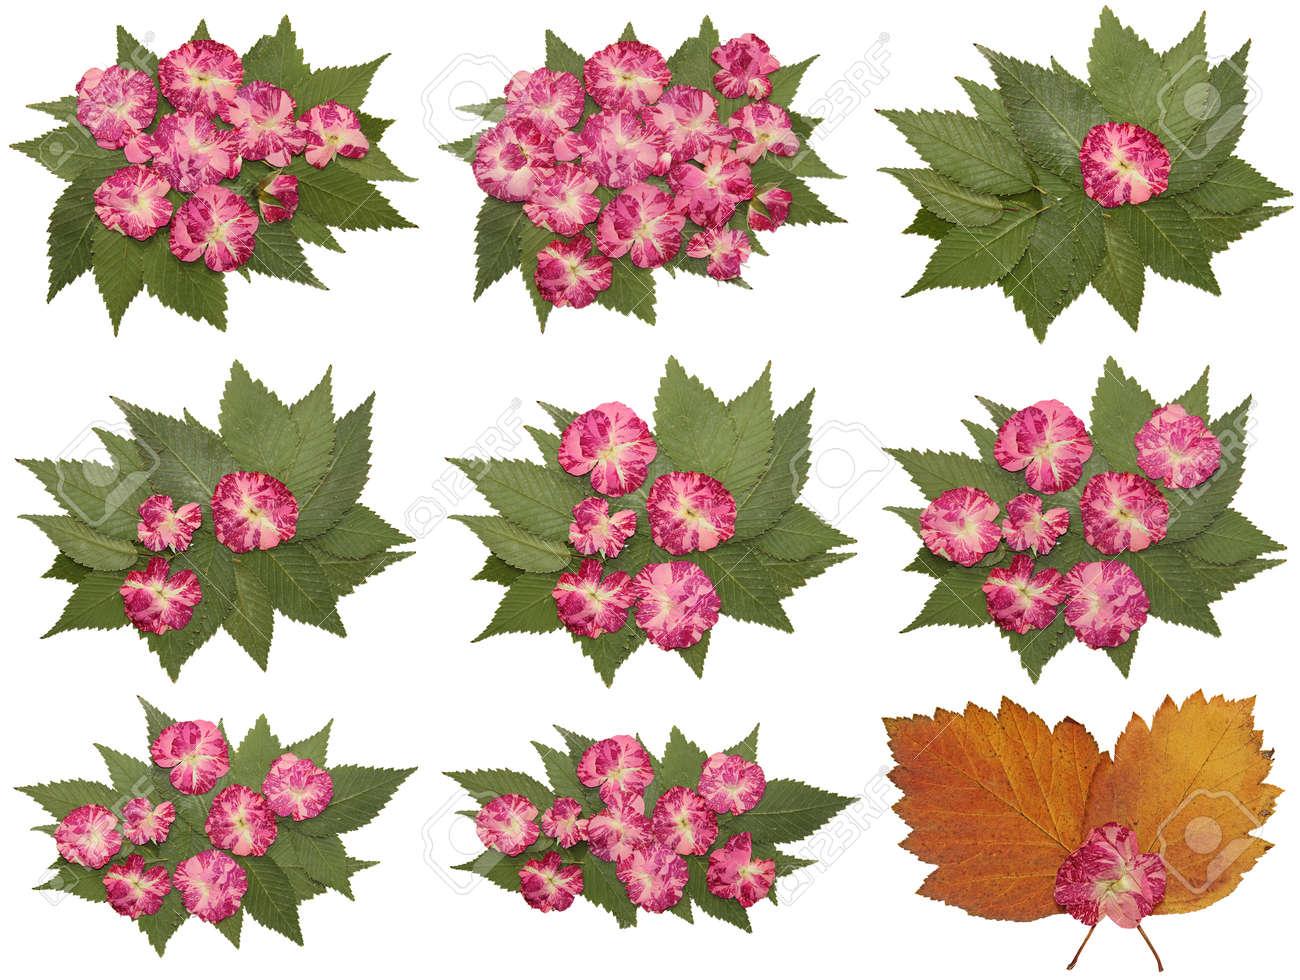 Lfarbe Trocken Herbst Blatt Der Rose Blume Isoliert Blatter Auf